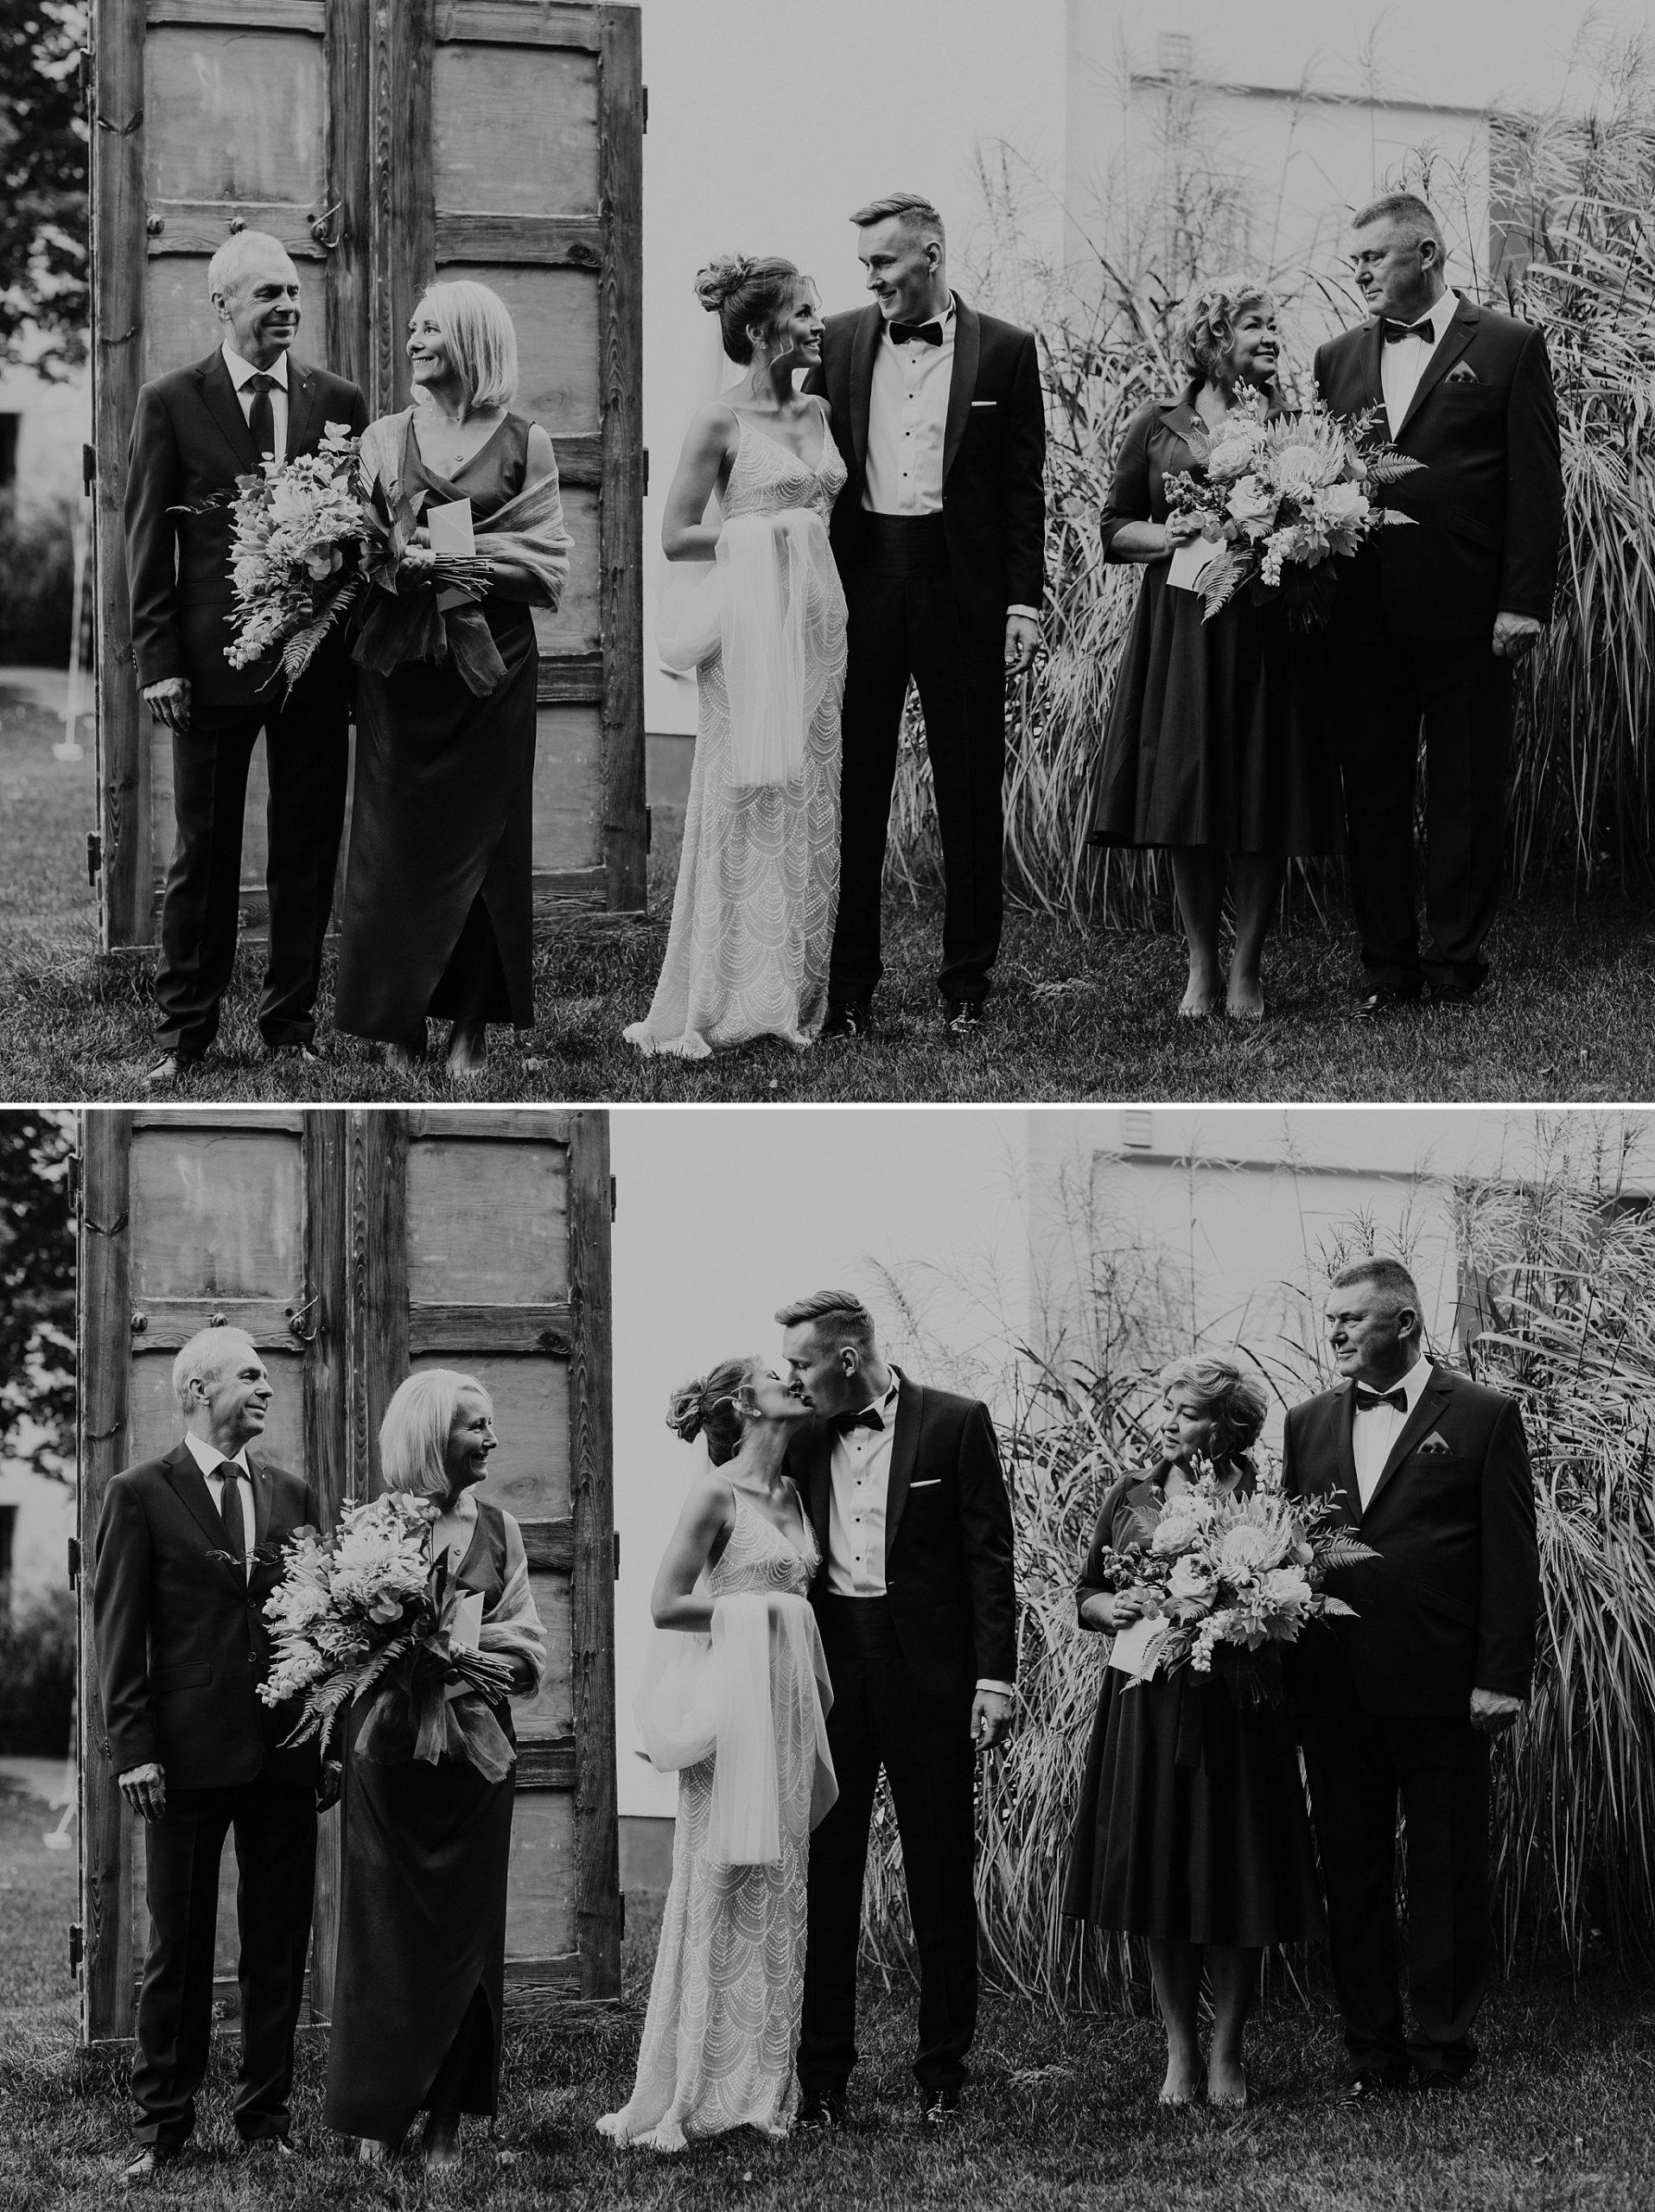 fotograf poznan wesele dobra truskawka piekne wesele pod poznaniem wesele w dobrej truskawce piekna para mloda slub marzen slub koronawirus slub listopad wesele koronawirus 108 scaled